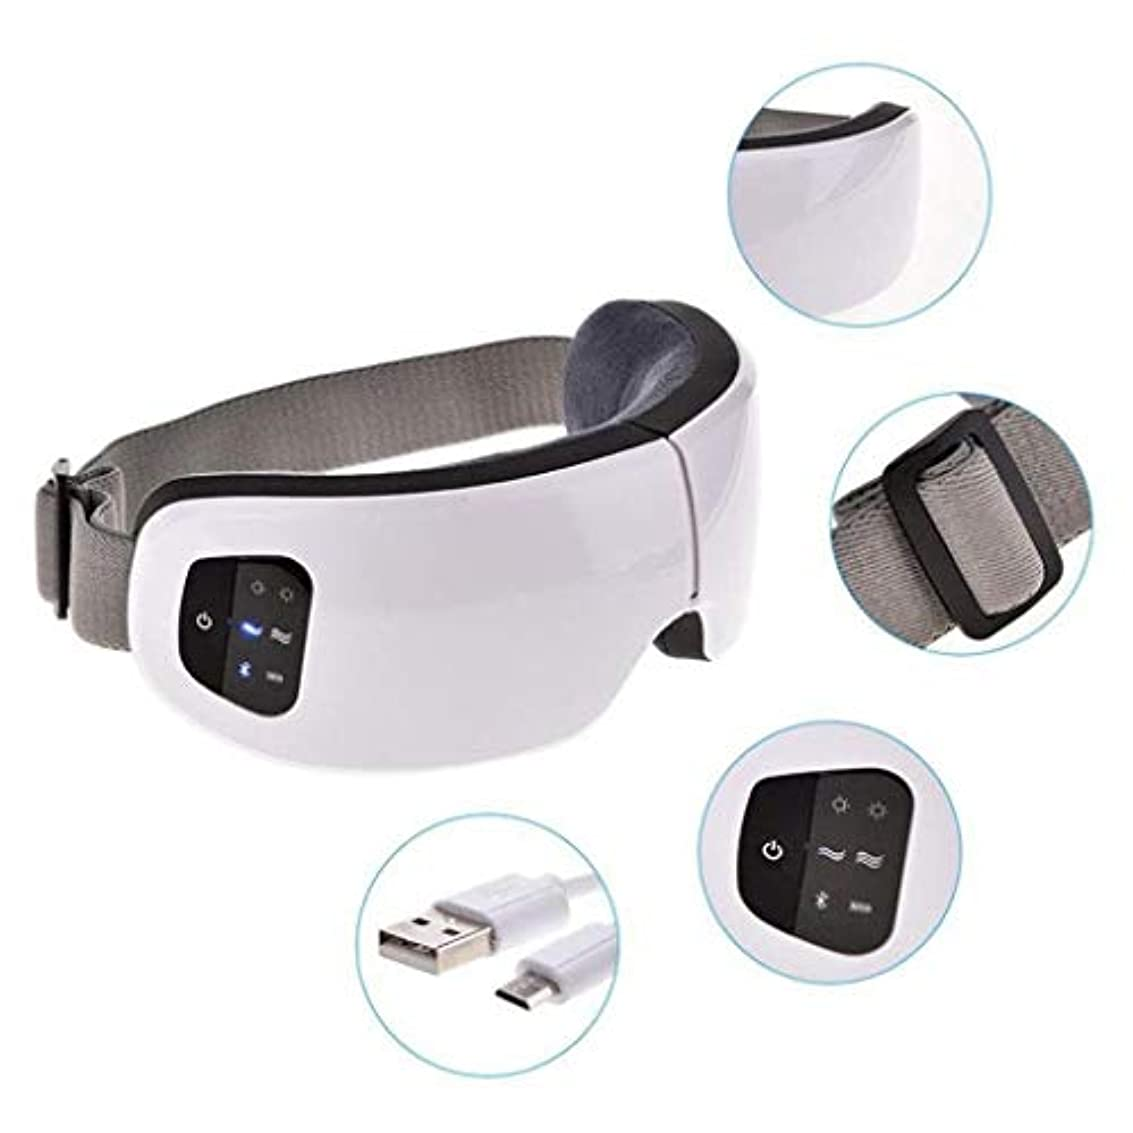 バイオレット軽食初期ホットプレス充電式ワイヤレスアイマッサージャーマスク空気圧振動とBluetooth機能付きアイバッグ、ダークサークル、アイ疲労、ドライアイ